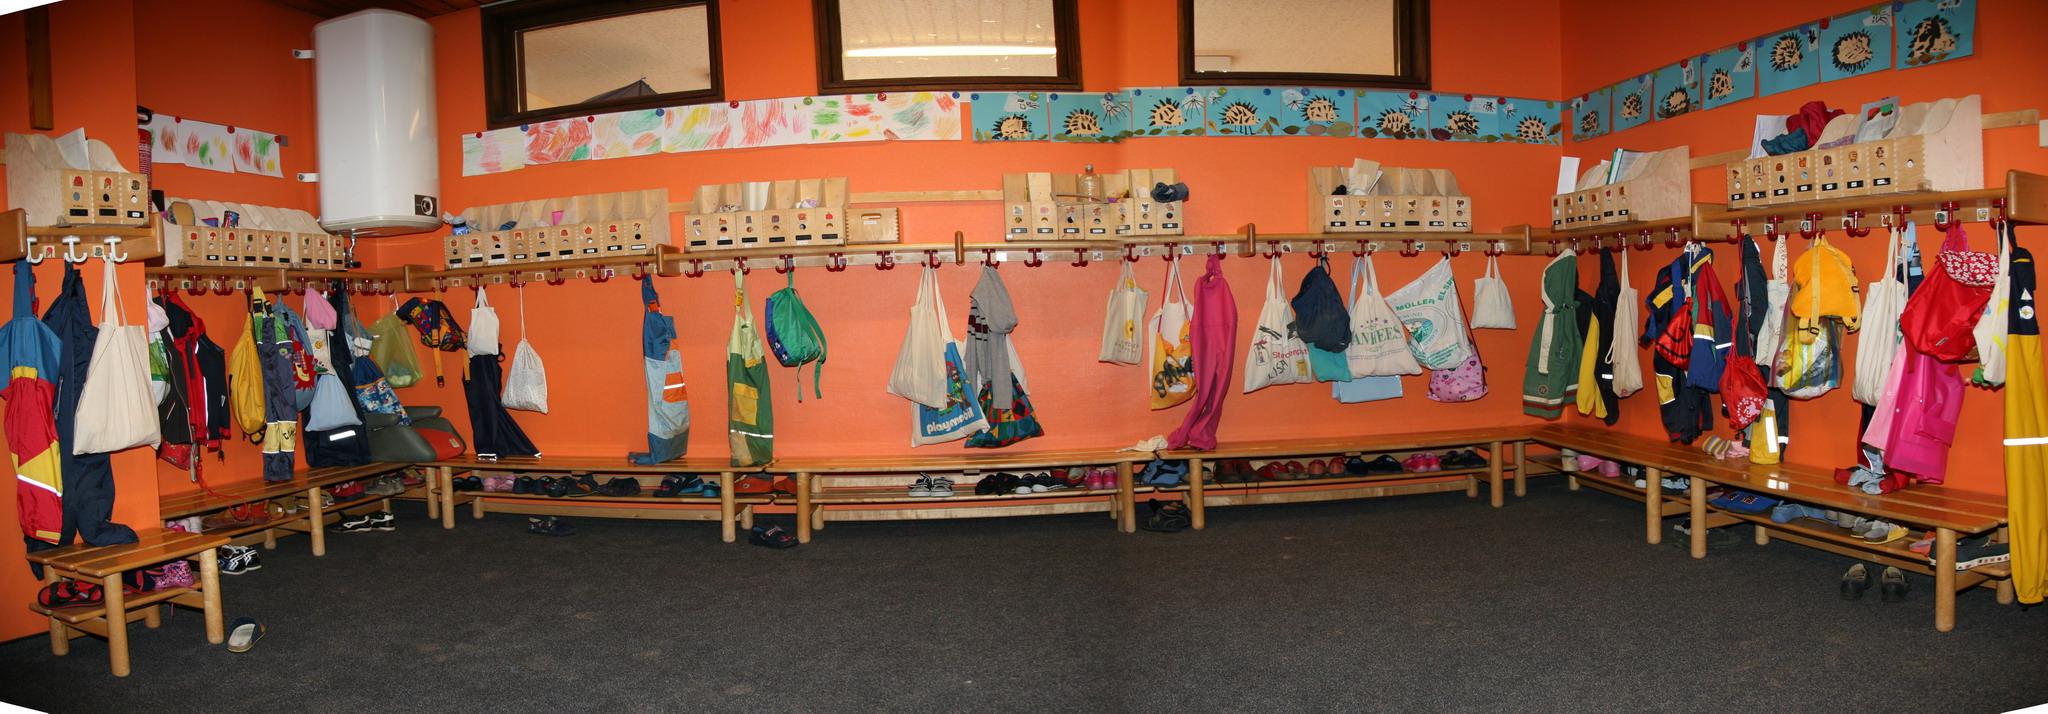 Gruppen und r umlichkeiten for Garderobe kindergarten